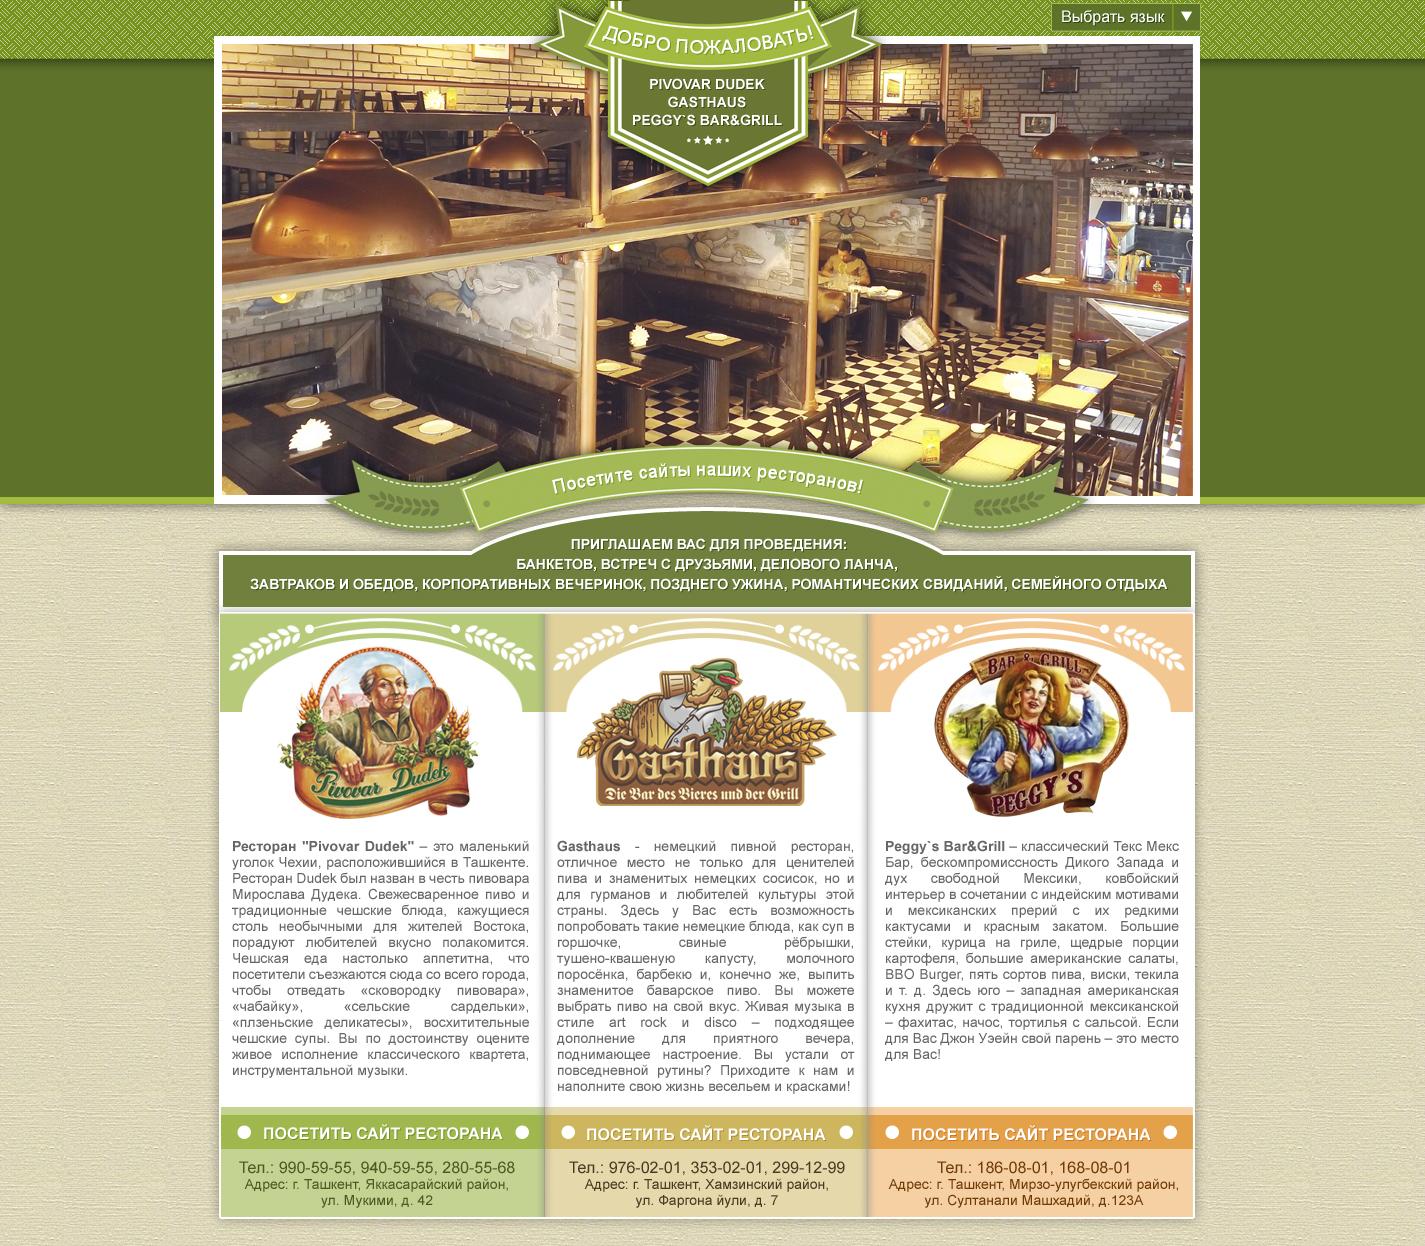 Общая входная страница для трёх ресторанов - http://dudek.uz/